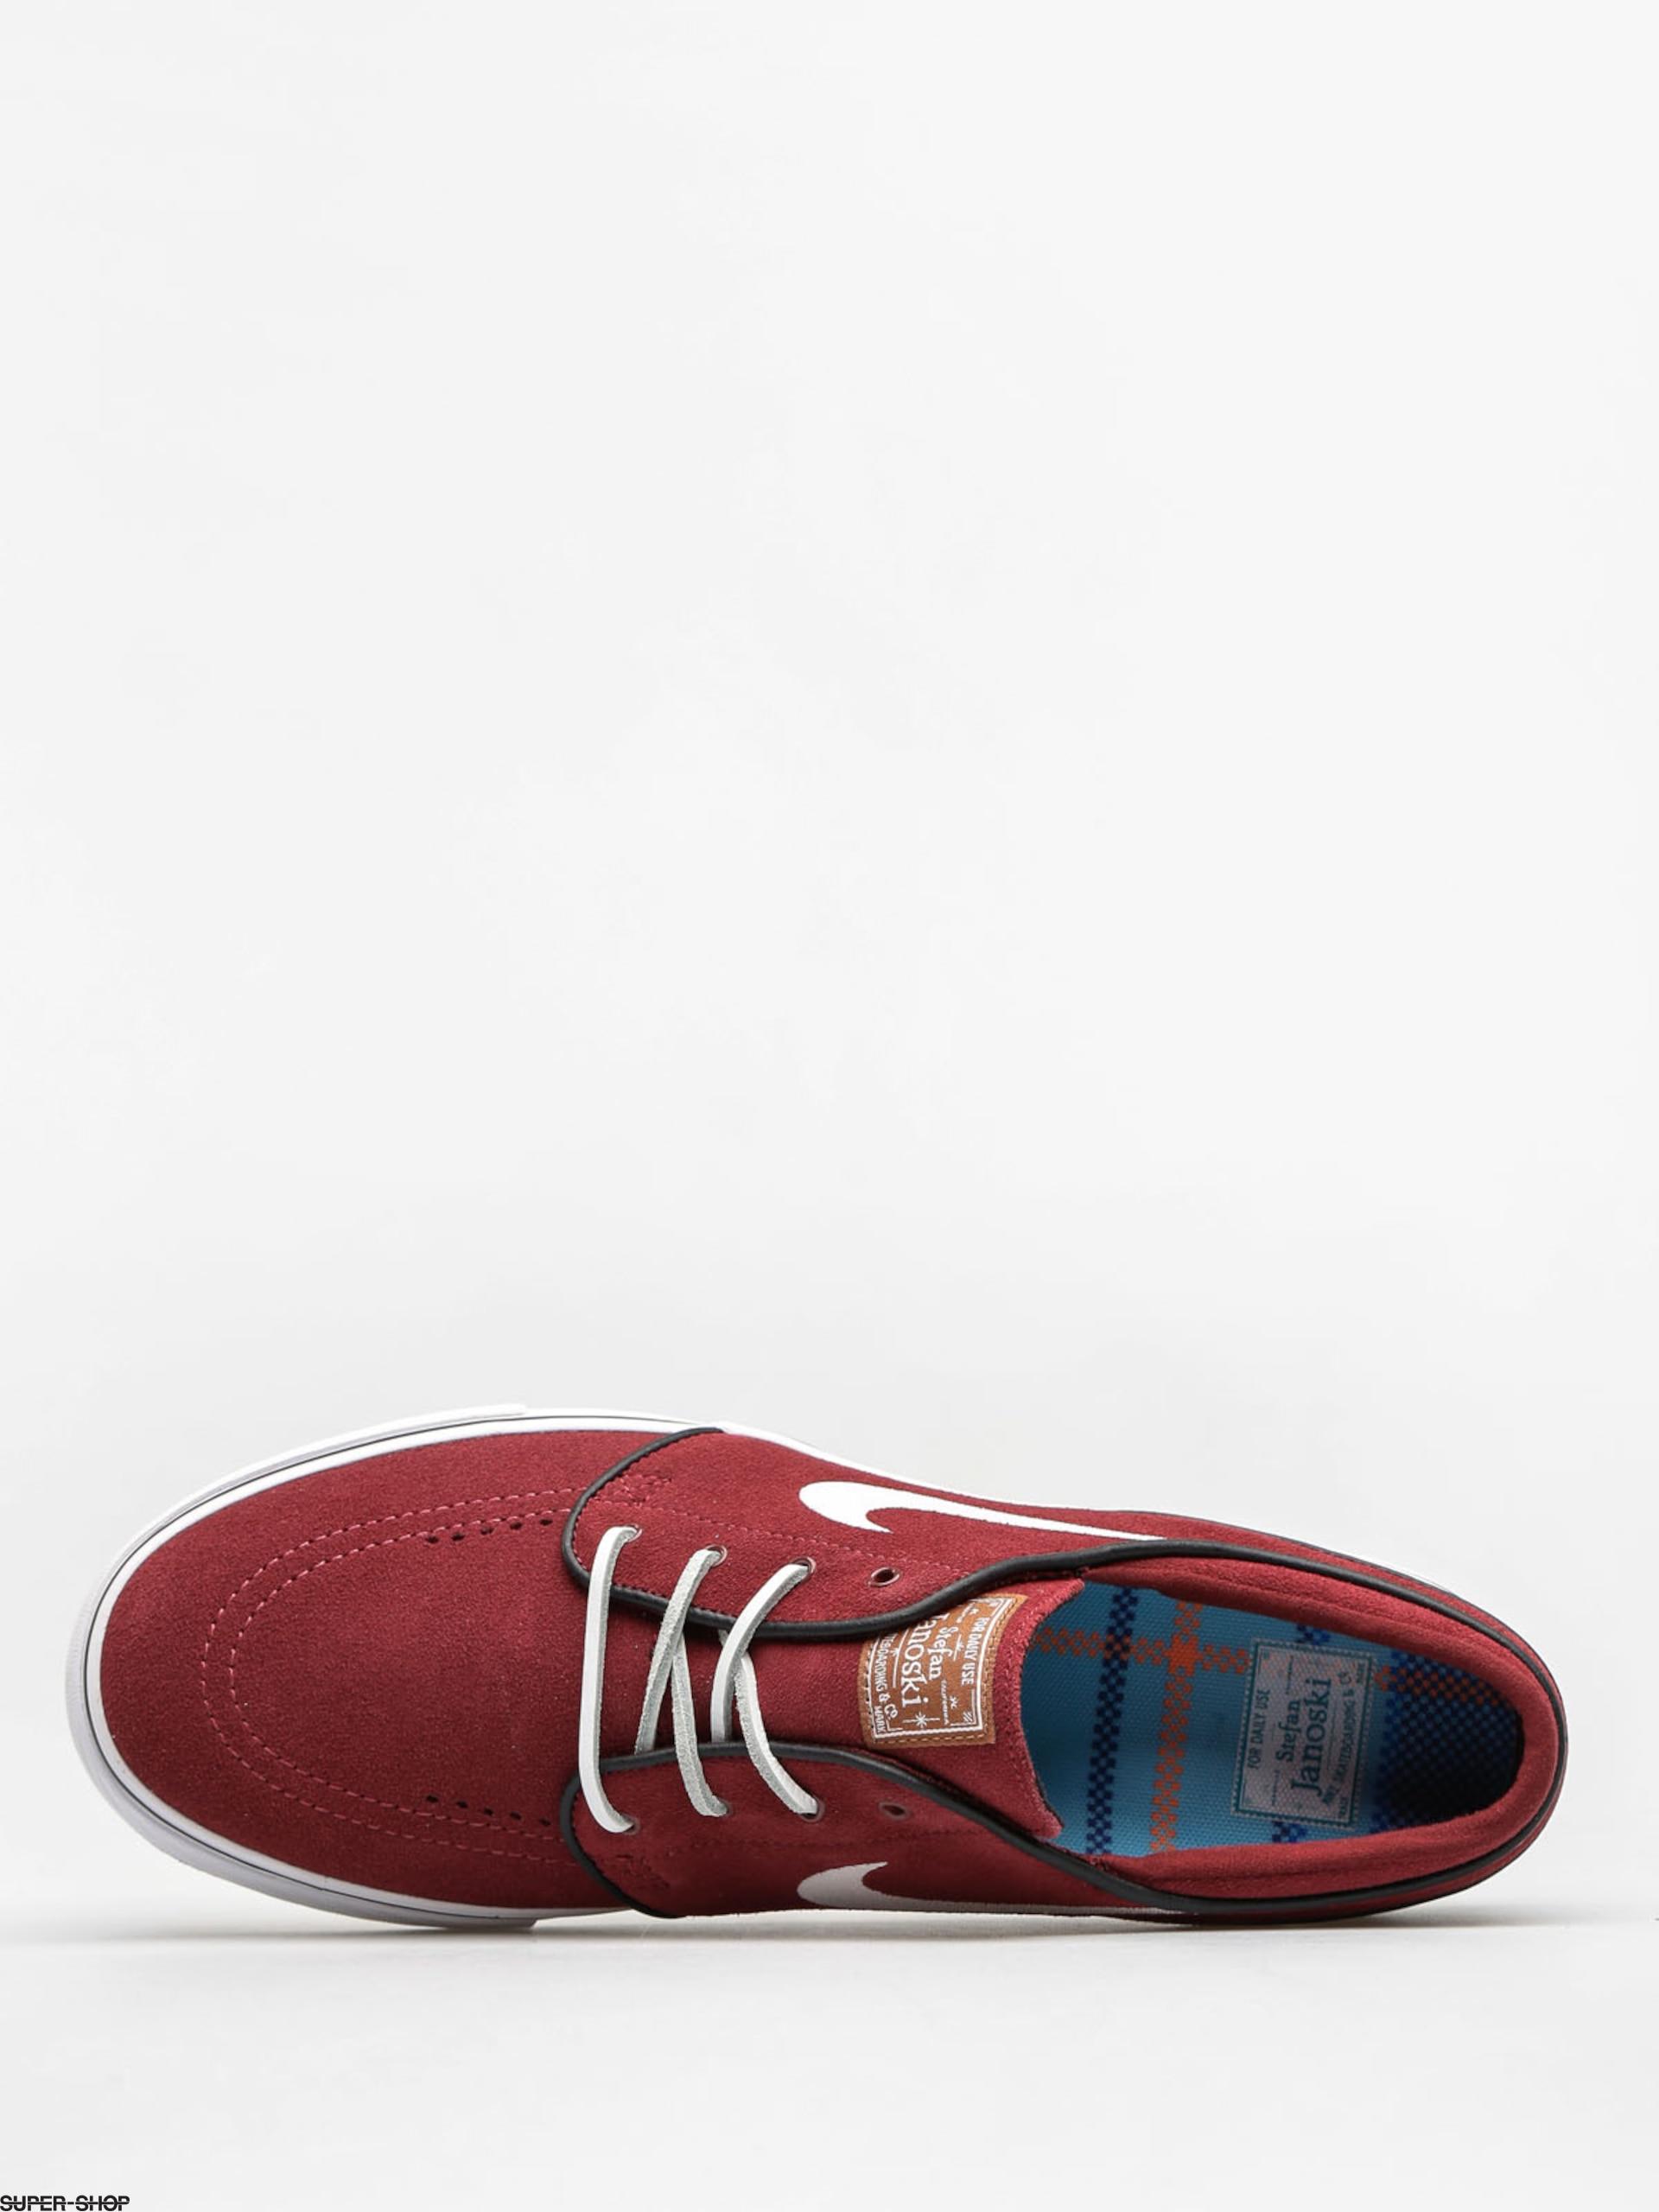 0adb3b65b7d Nike SB Shoes Zoom Stefan Janoski Og (red earth white black gum med brown)